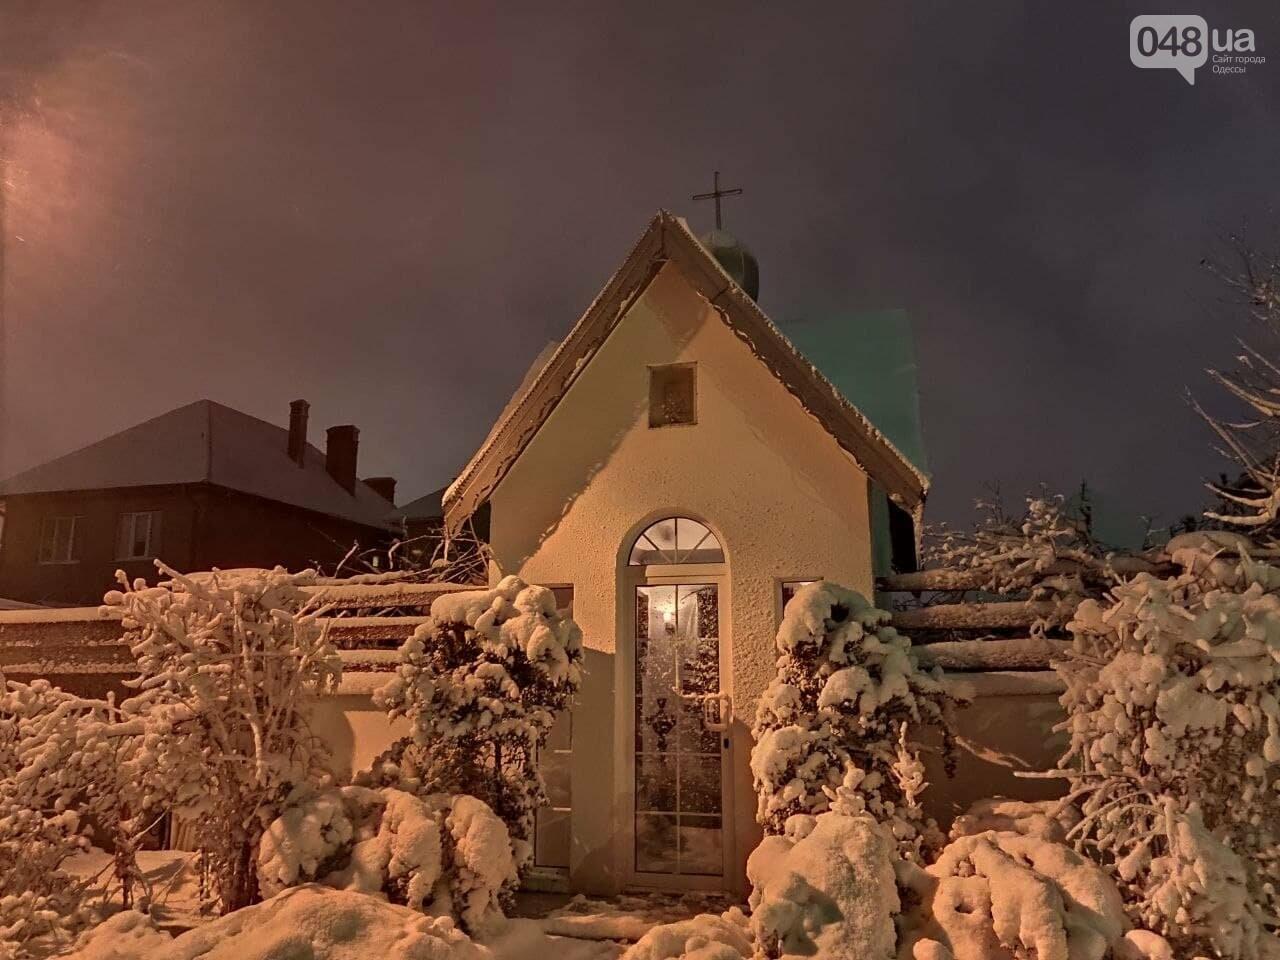 Зимняя сказка на одесской Рублевке: как выглядит Совиньон в снегу, - ФОТОРЕПОРТАЖ, фото-16